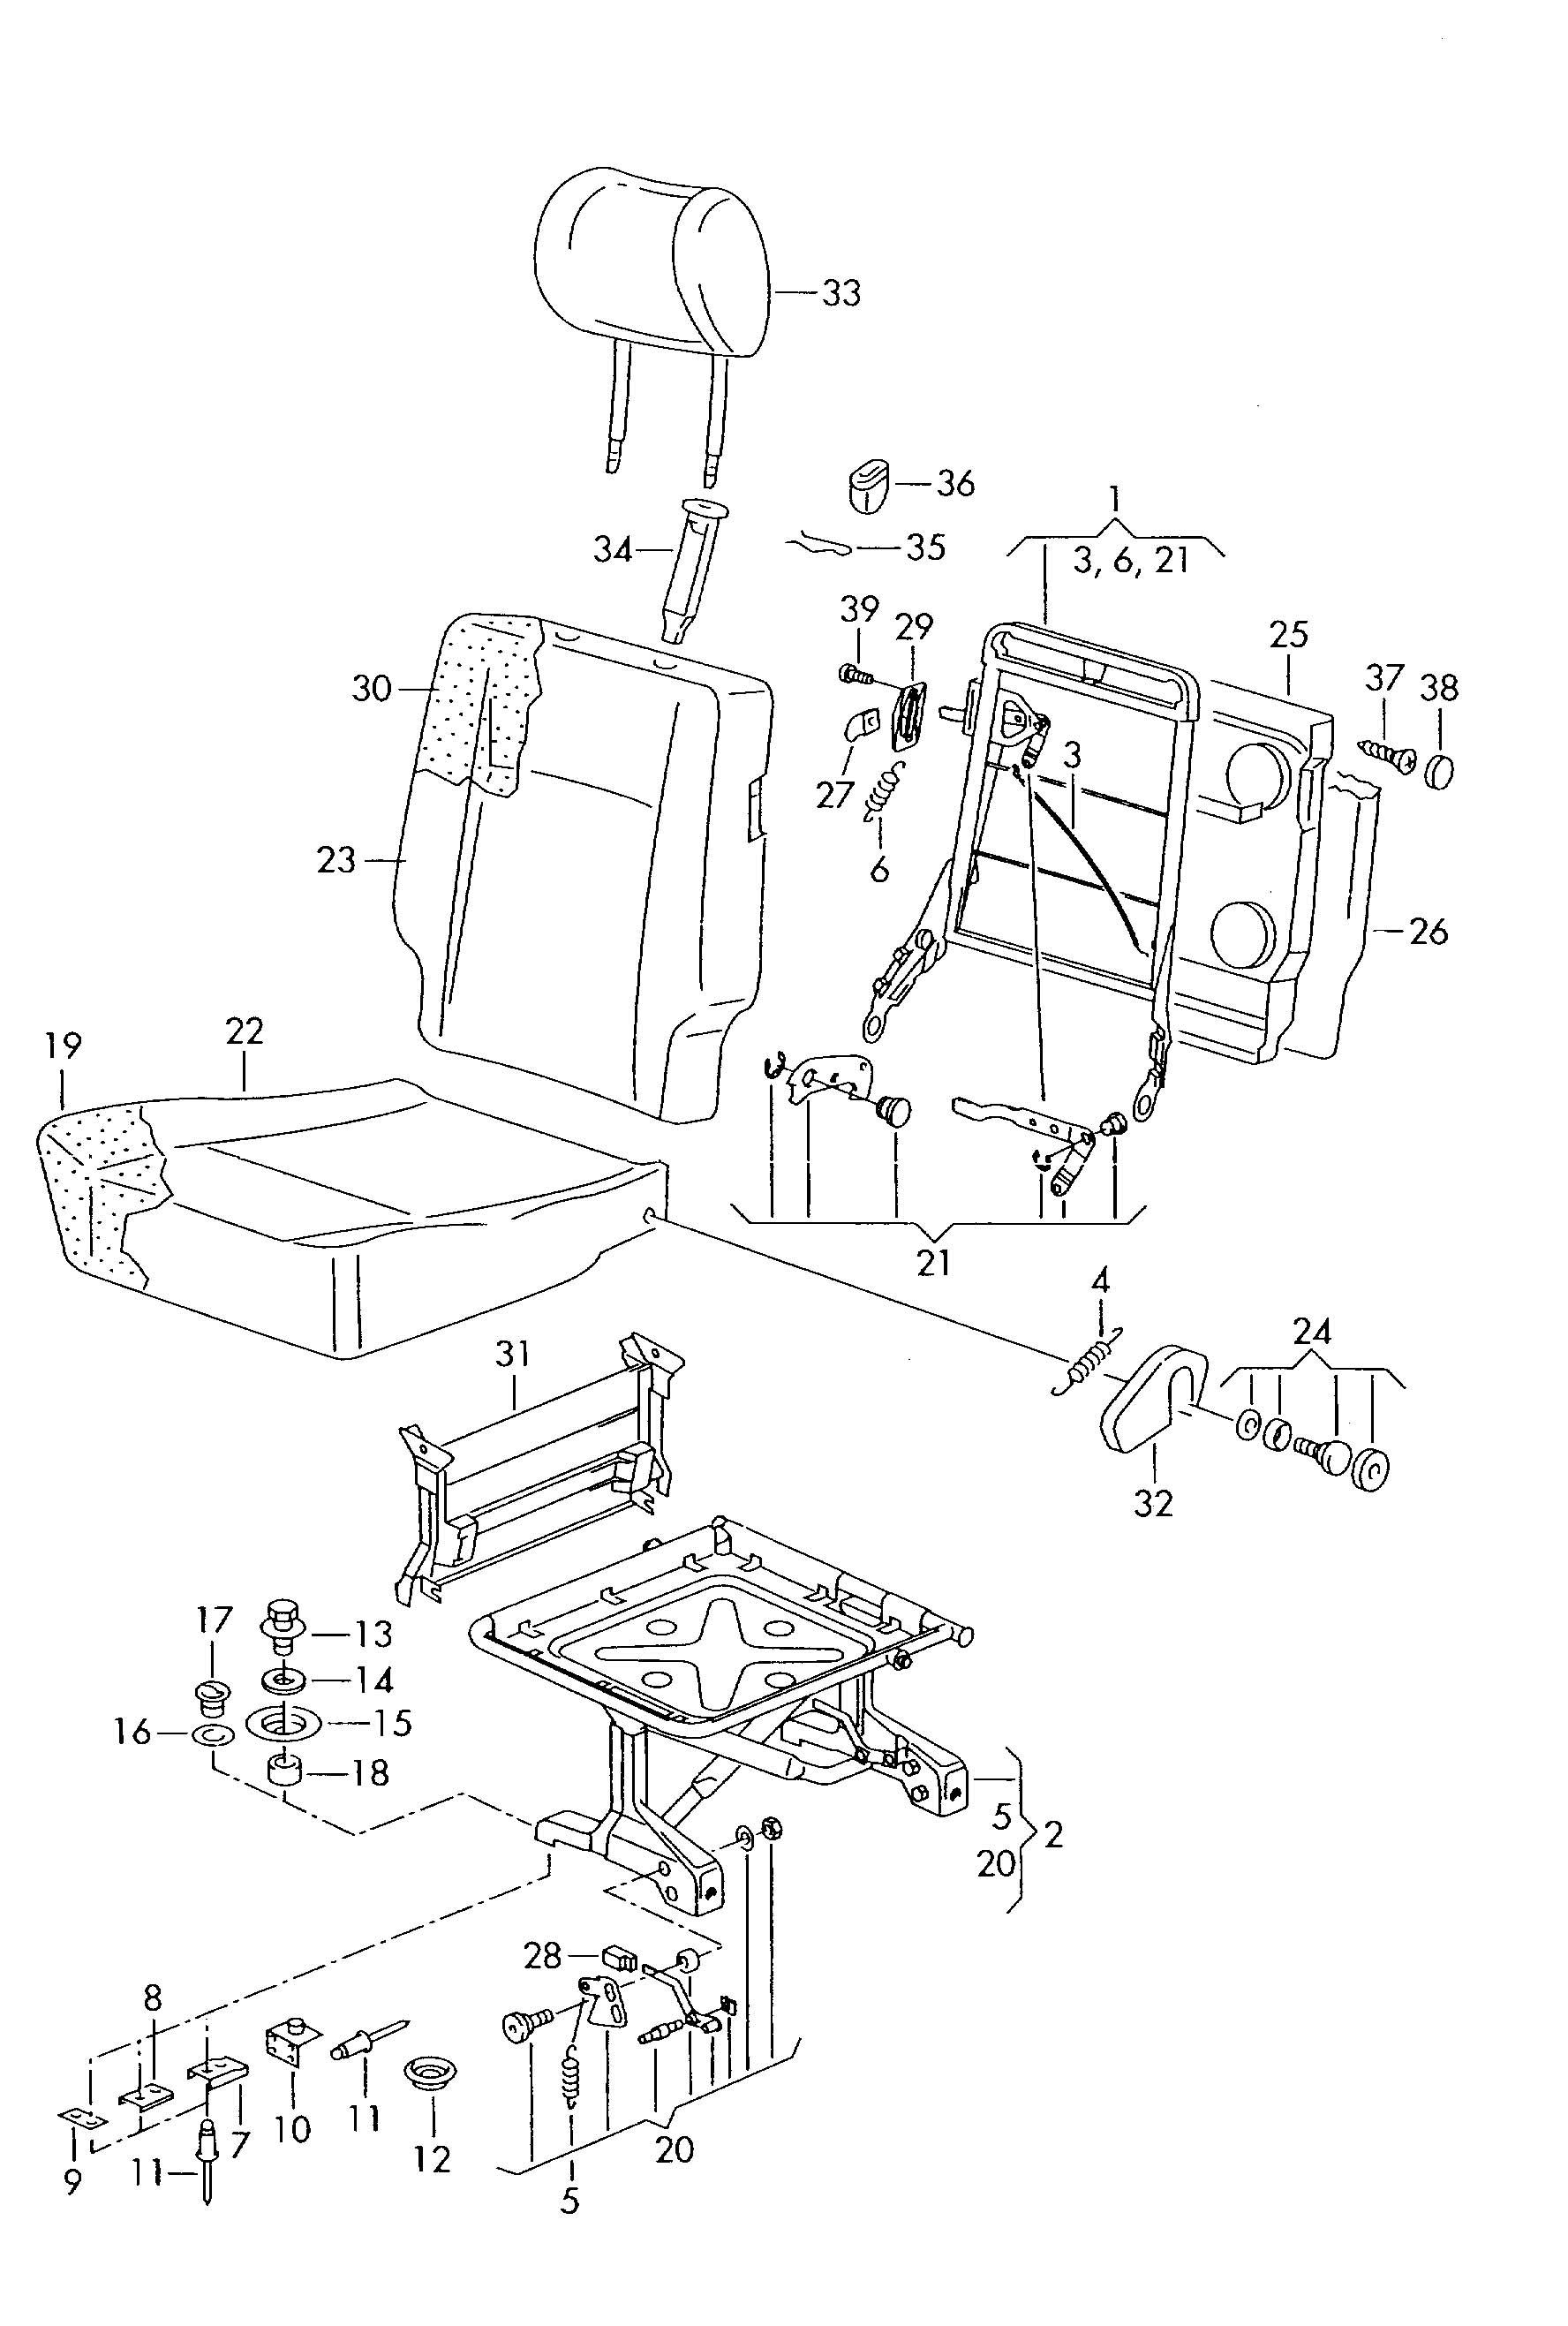 Volkswagen EuroVan Attachment bolt. 23MM. Person